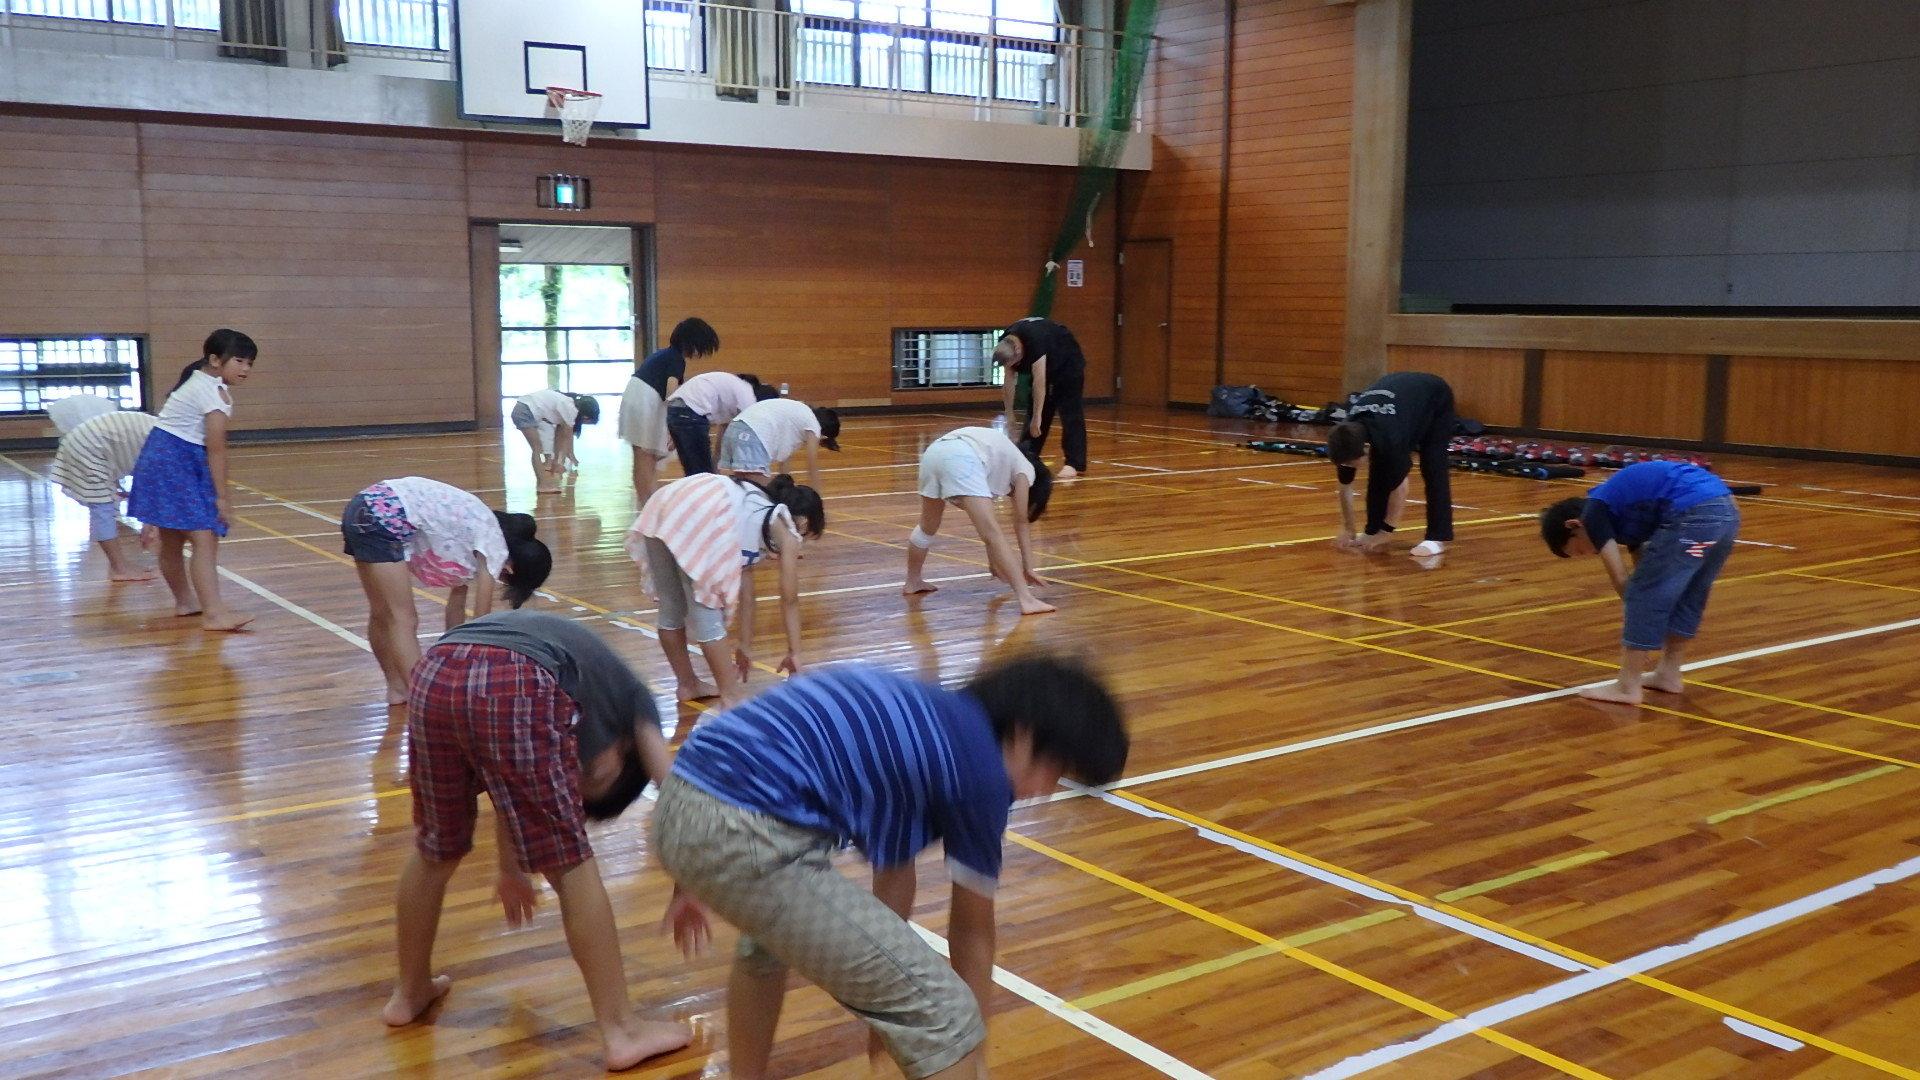 勇ましい剣士誕生!「スポーツチャンバラ + お楽しみ会」_b0239402_16562361.jpg